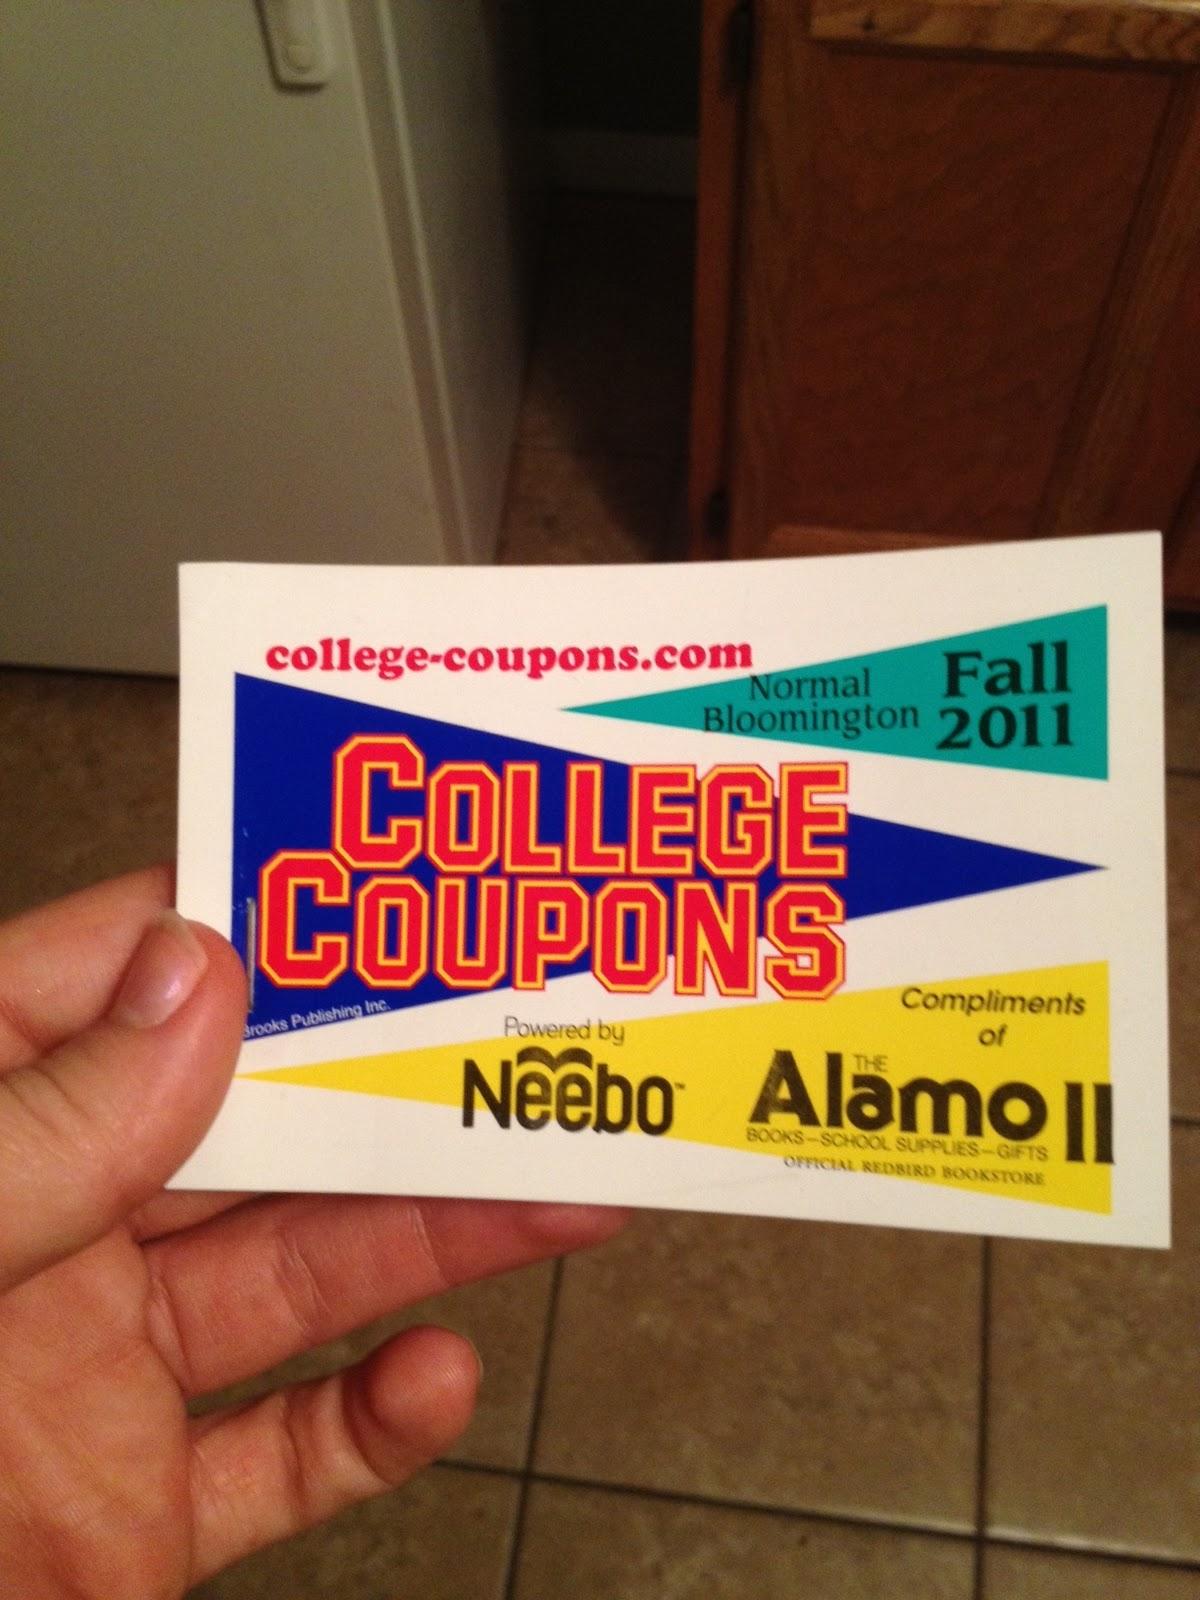 Dp dough coupon code